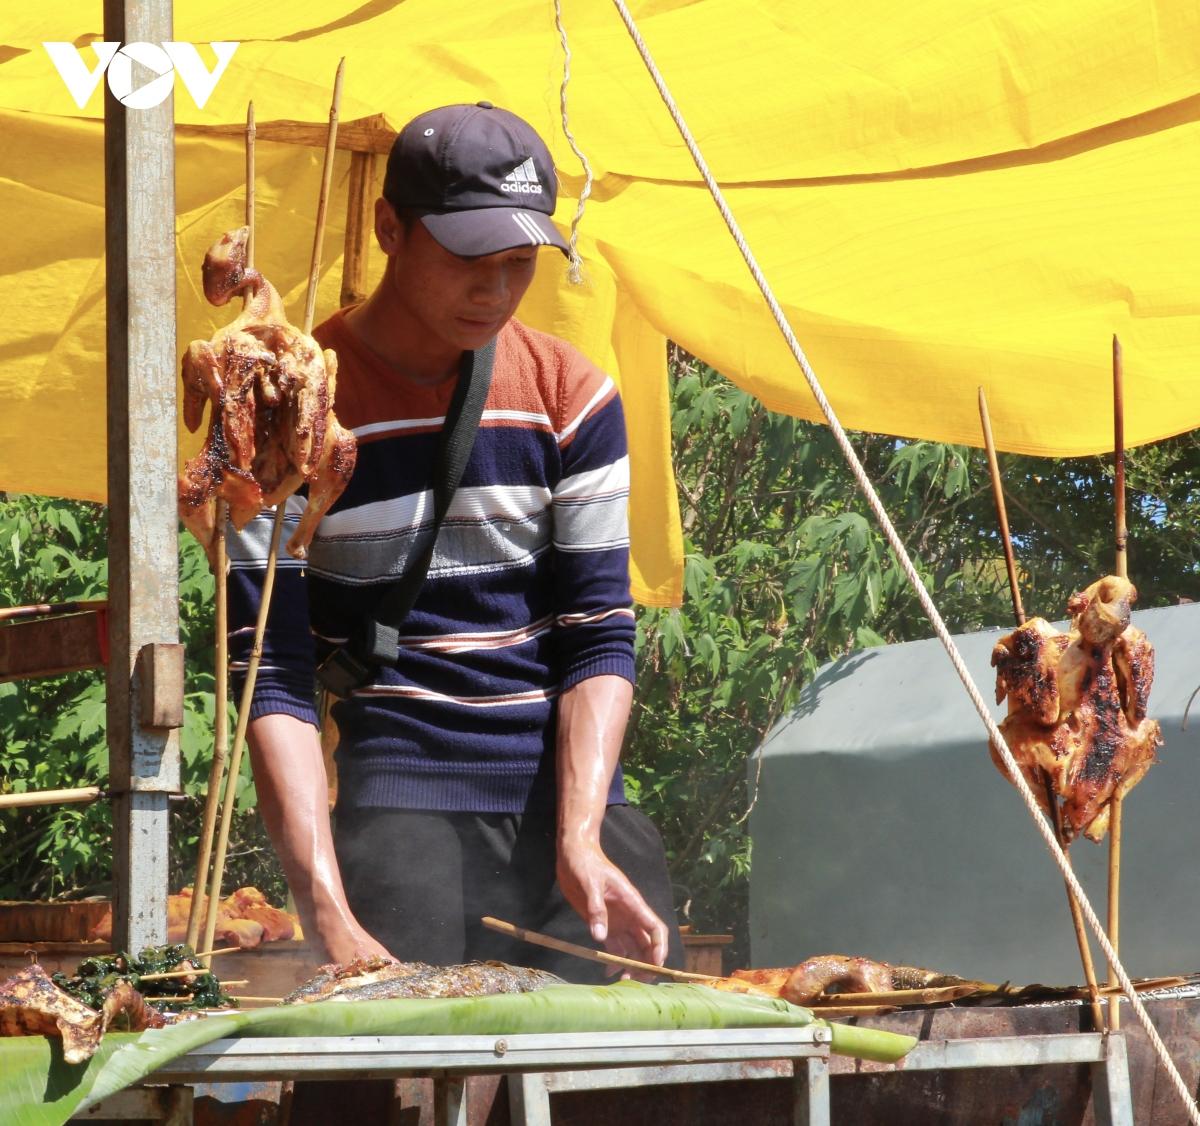 Du khách còn có thể thưởng thức những món ăn truyền thống mộc mạc, đặc trưng của người dân địa phương như gà nướng, cơm lam, thịt heo đồng bào nương xiên, lá mì cà đắng,...